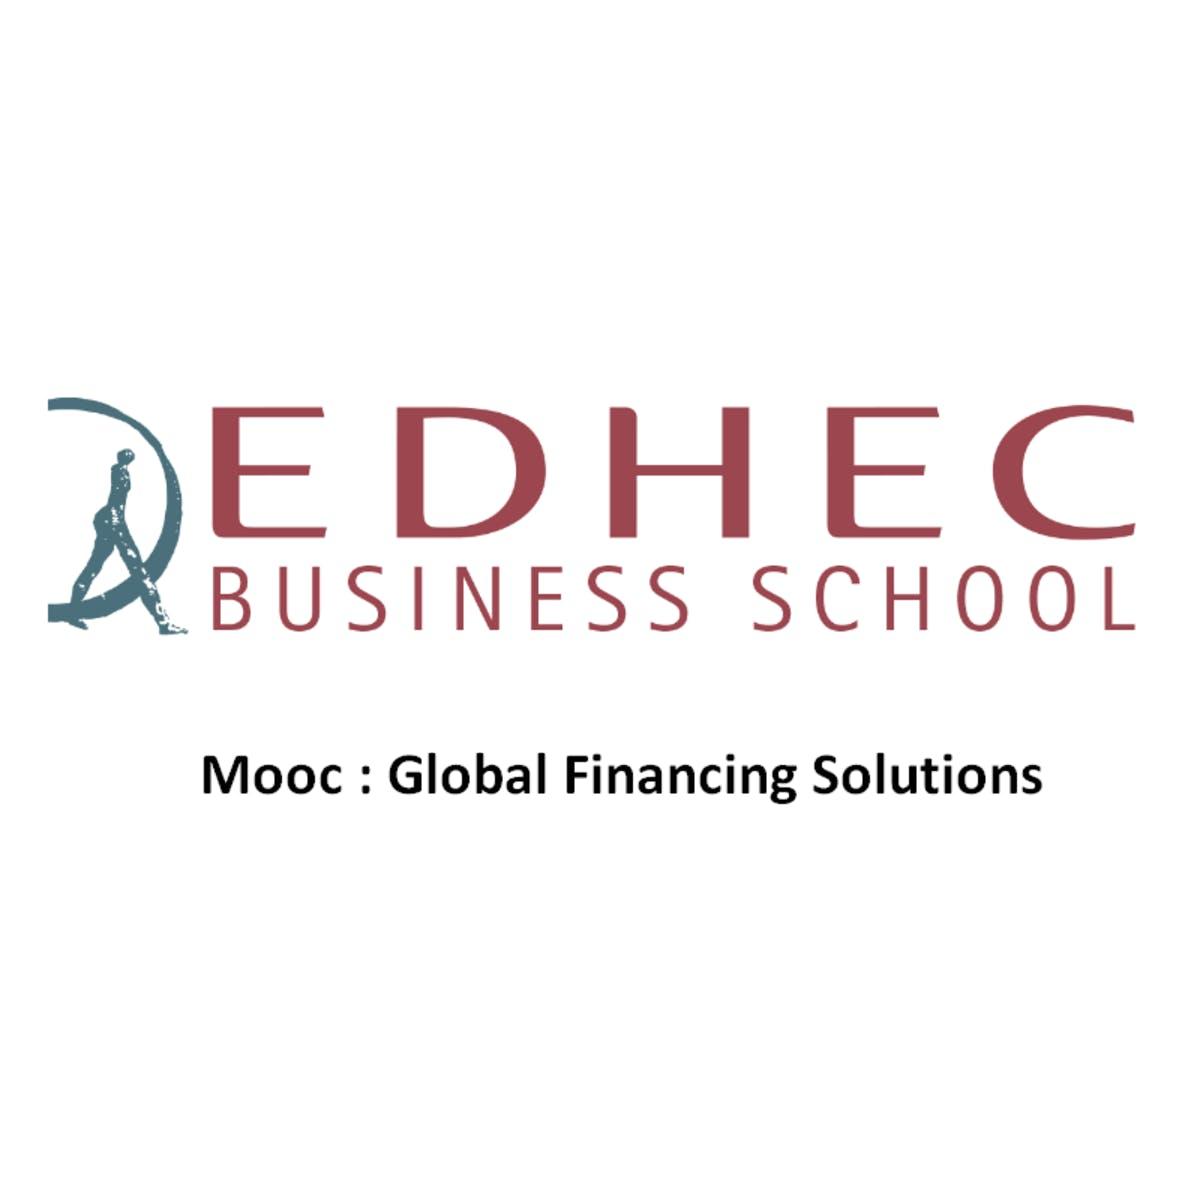 Global Financing Solutions  (by EDHEC and Société Générale)